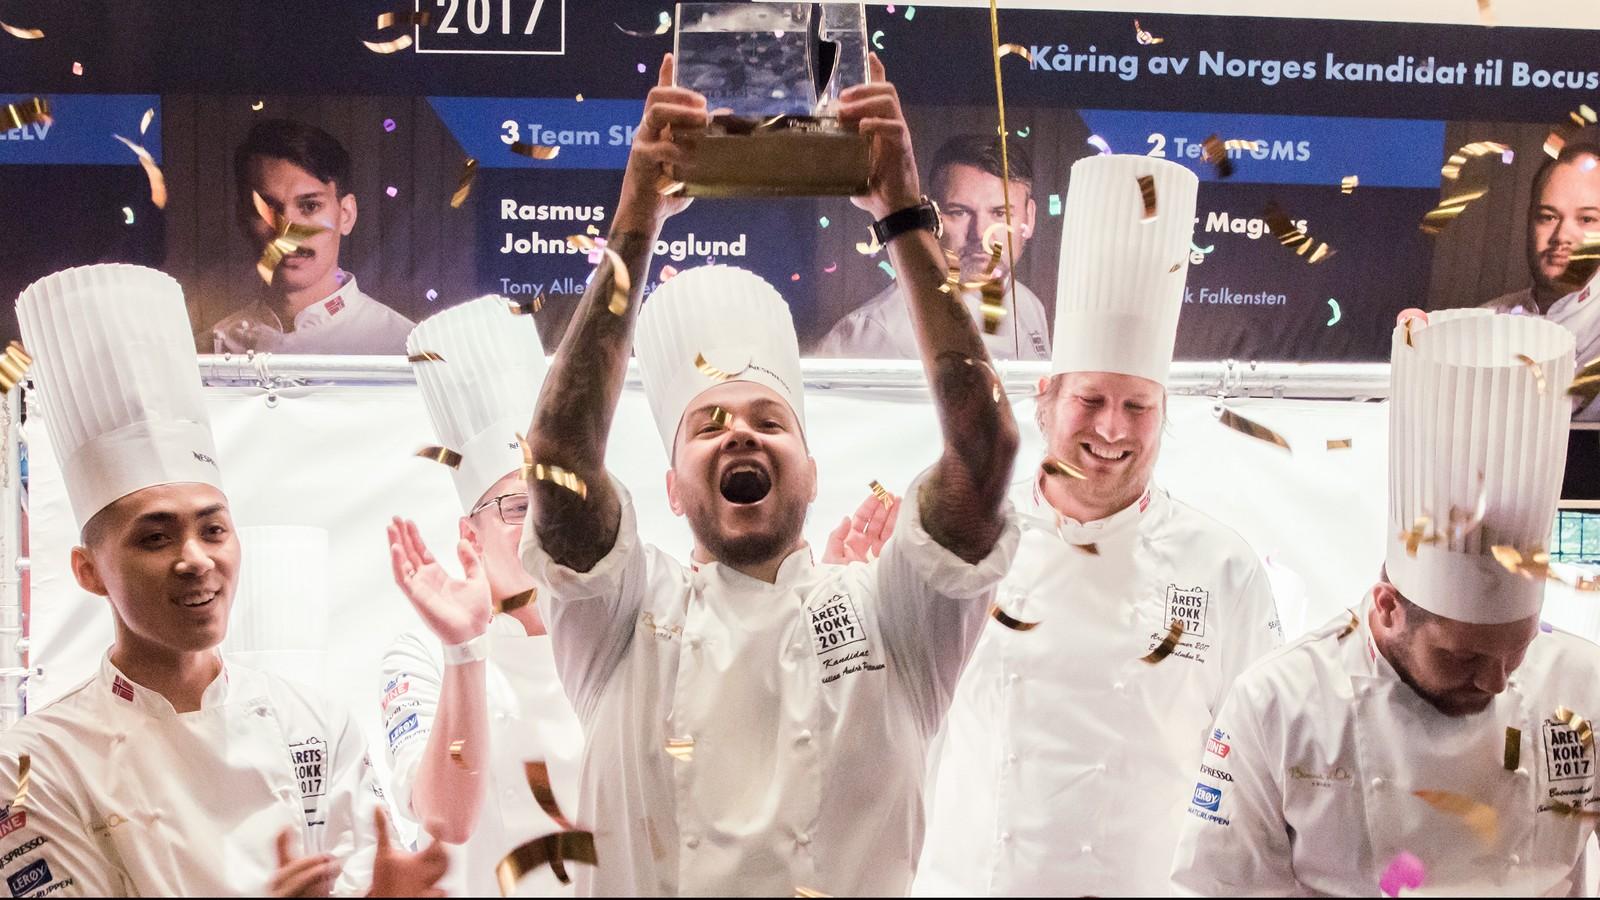 Her vinner Christian Andrè Pettersen Årets kokk 2017. Assistenten Kim Lamram står til venstre i bildet